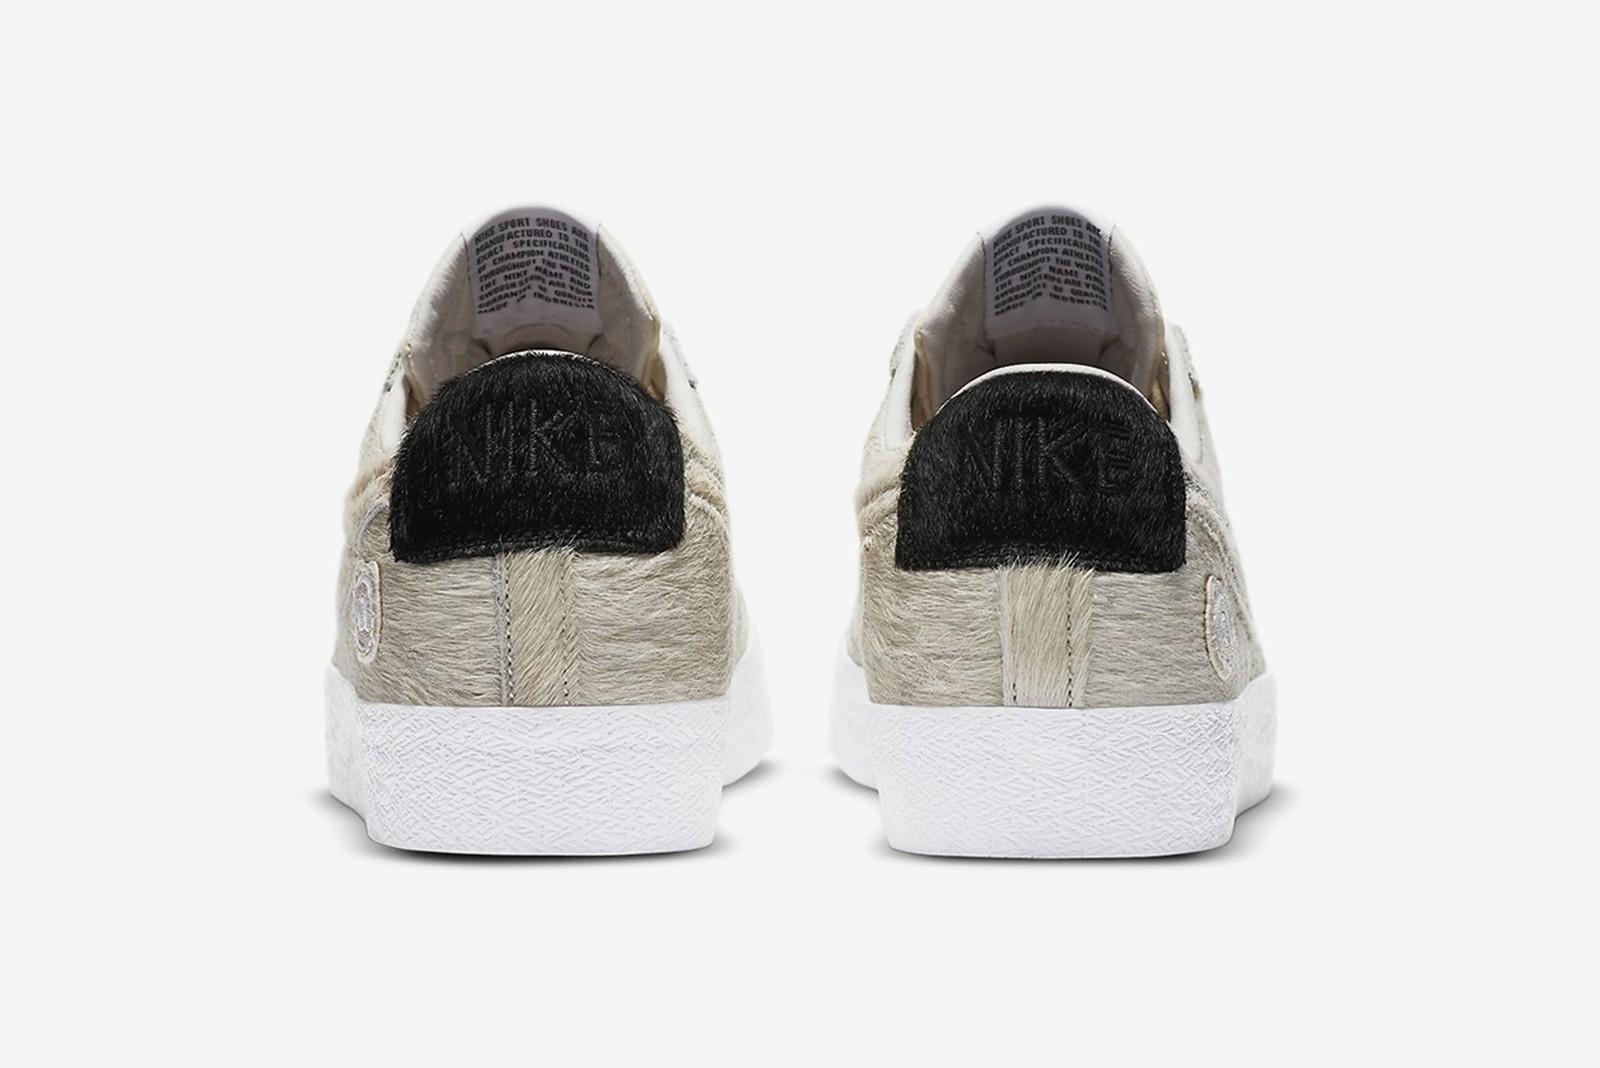 Medicom Toy x Nike SB Blazer Low BE@RBRICK cream